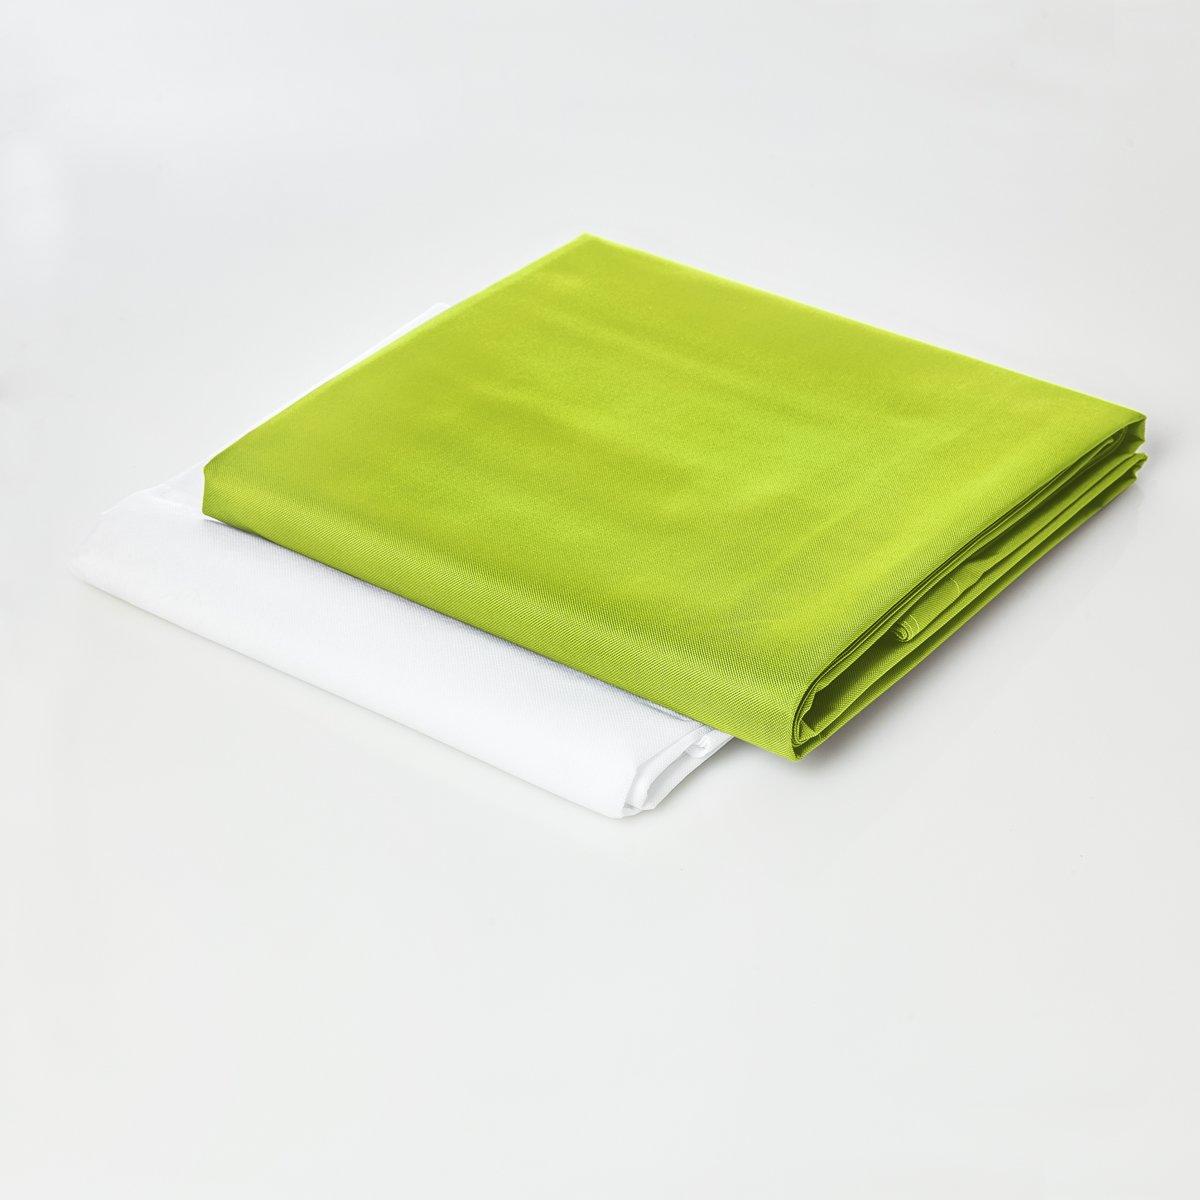 Lumaland - Hoes van luxe XXL zitzak - enkel de hoes zonder vulling - Volume 380 liter - 140 x 180 cm - gemaakt van PVC / Polyester - Appelgroen kopen